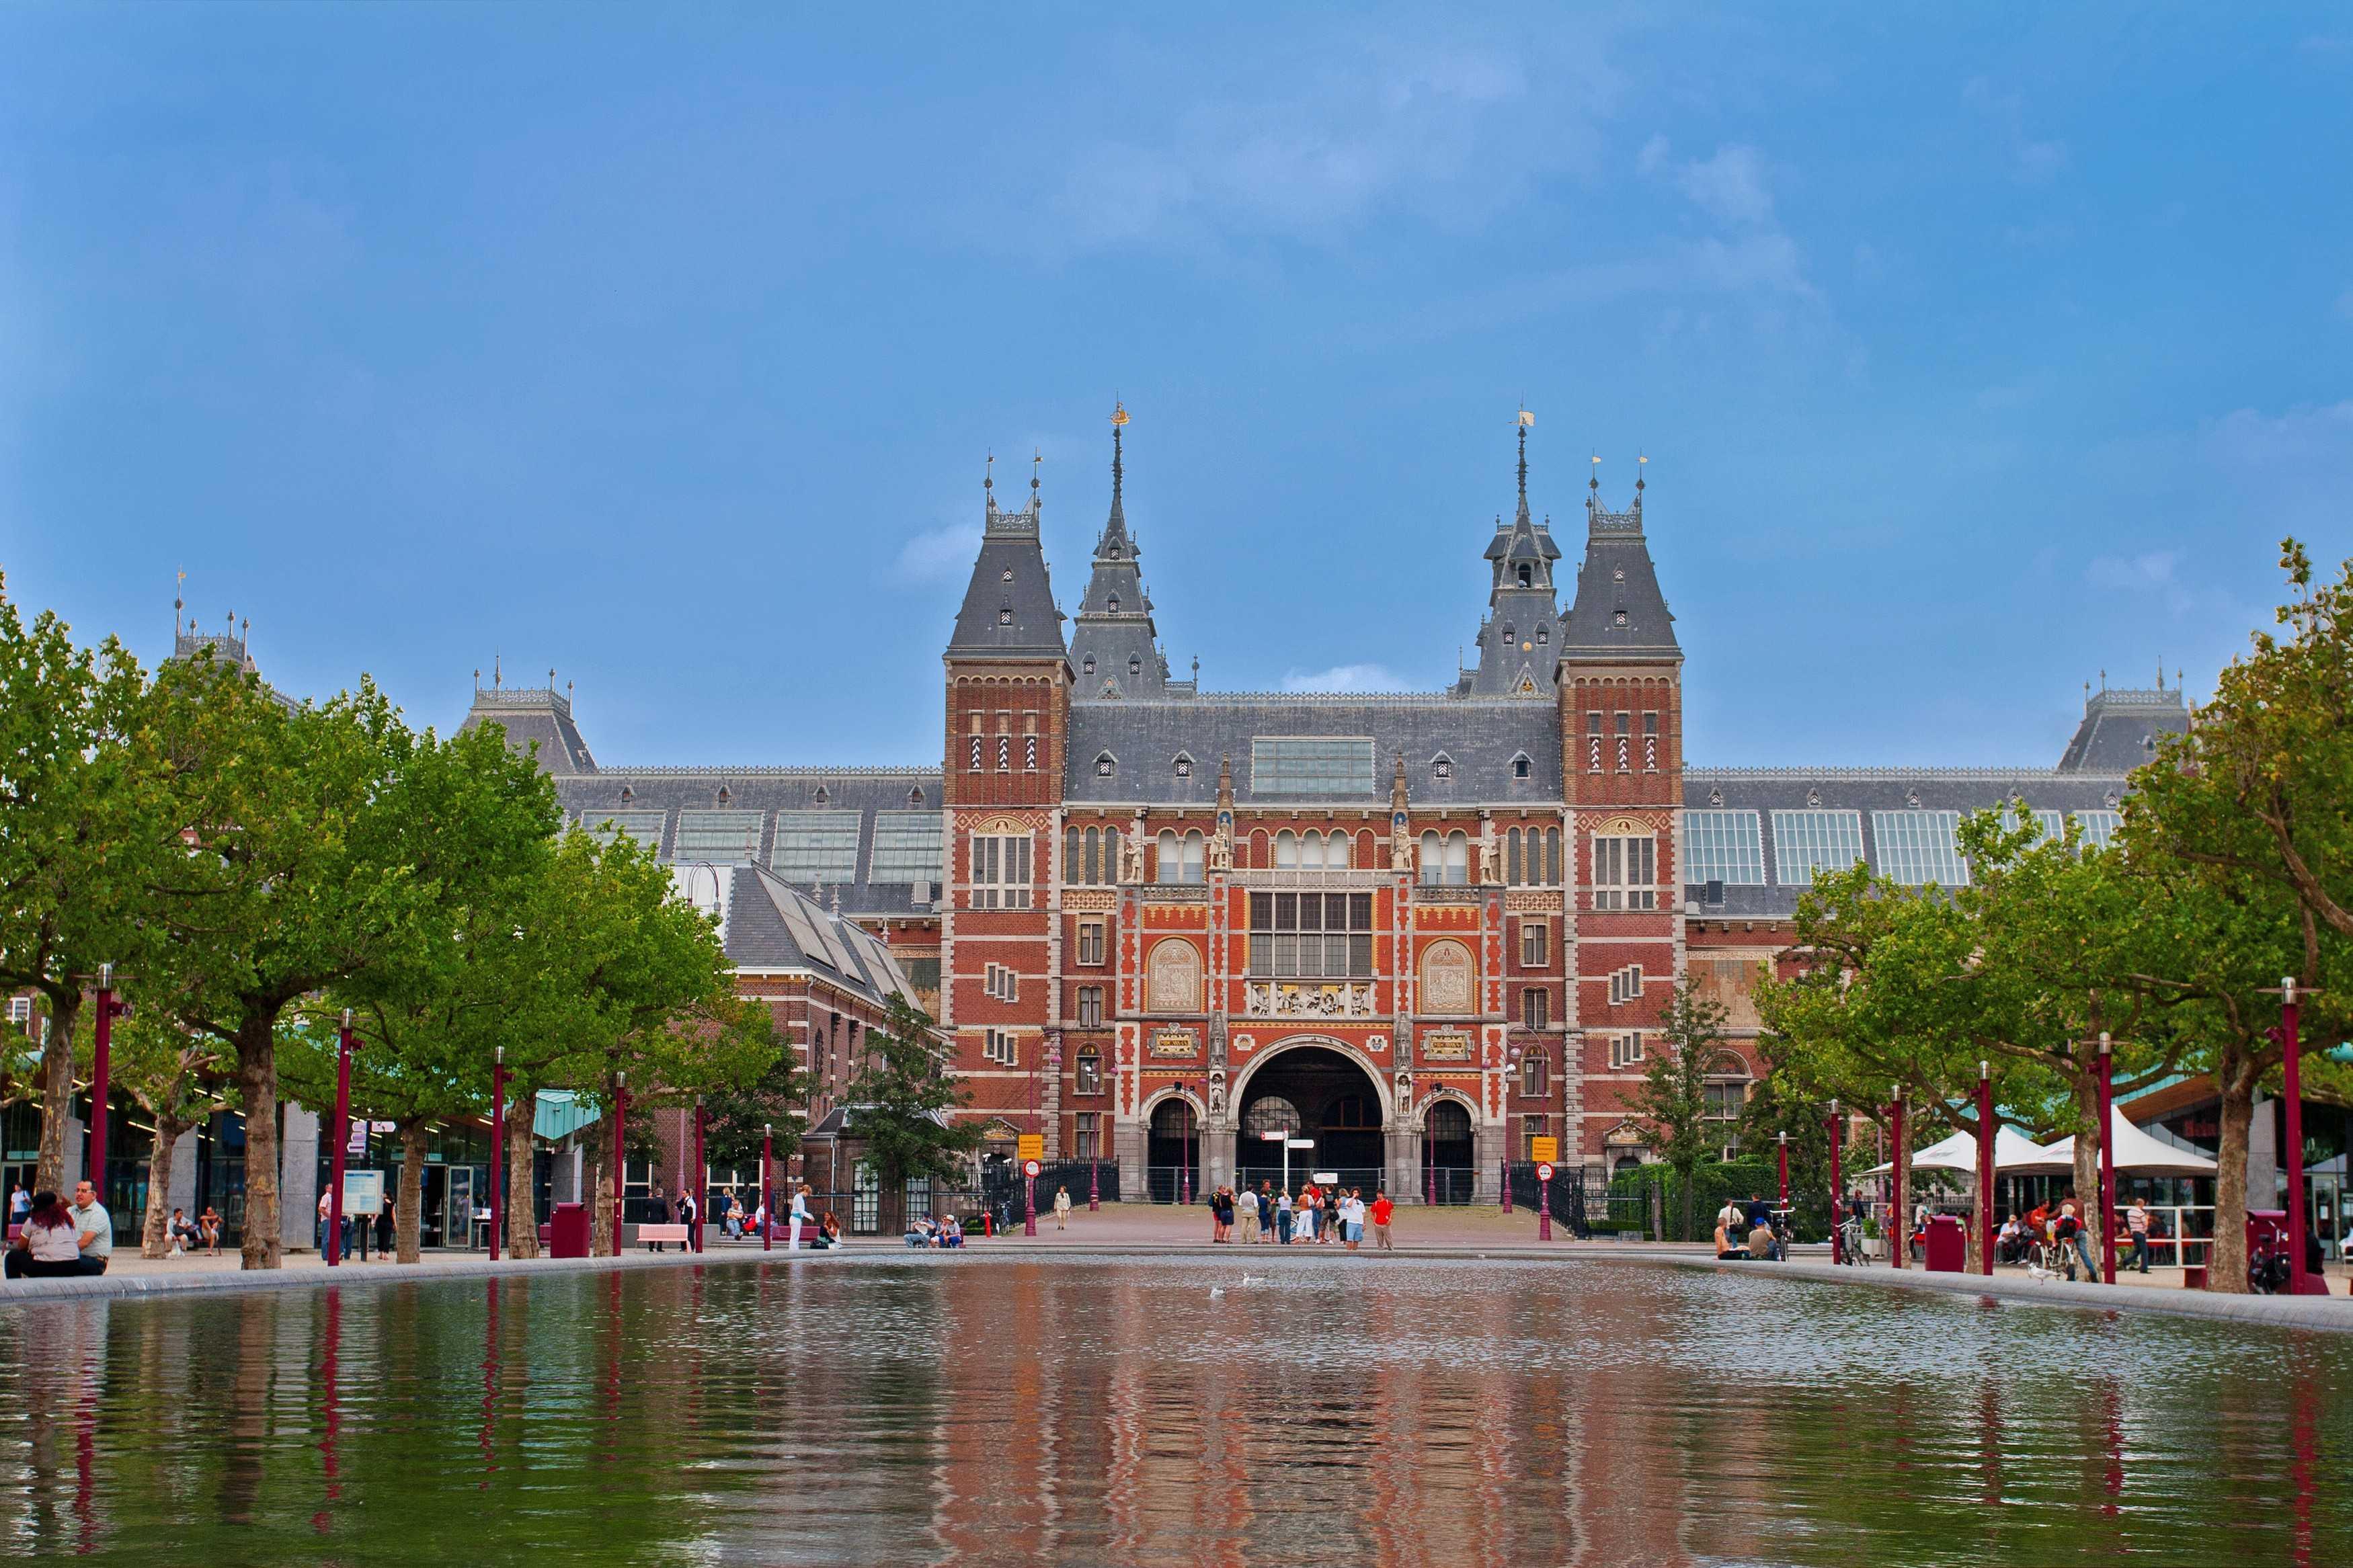 9 καταπληκτικοί λόγοι για να επισκεφθείτε το Άμστερνταμ αυτό τον χειμώνα!